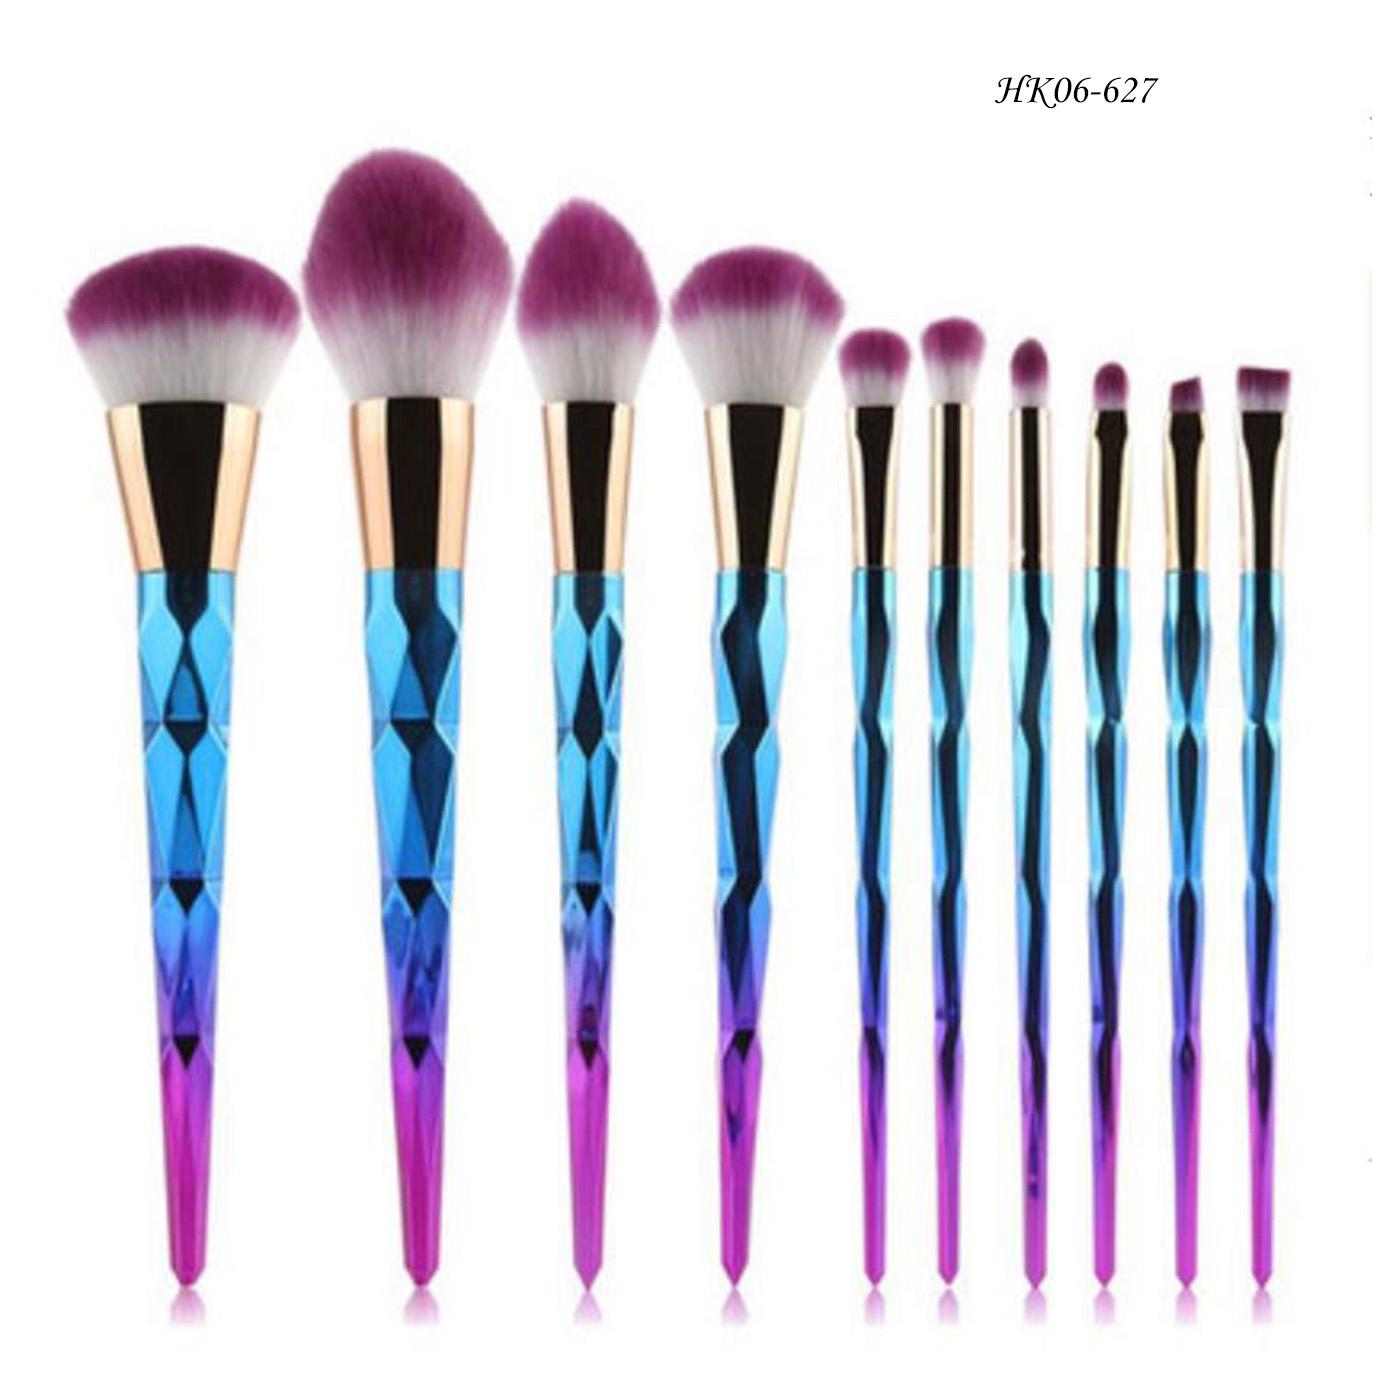 Makeup brush set HK06-627